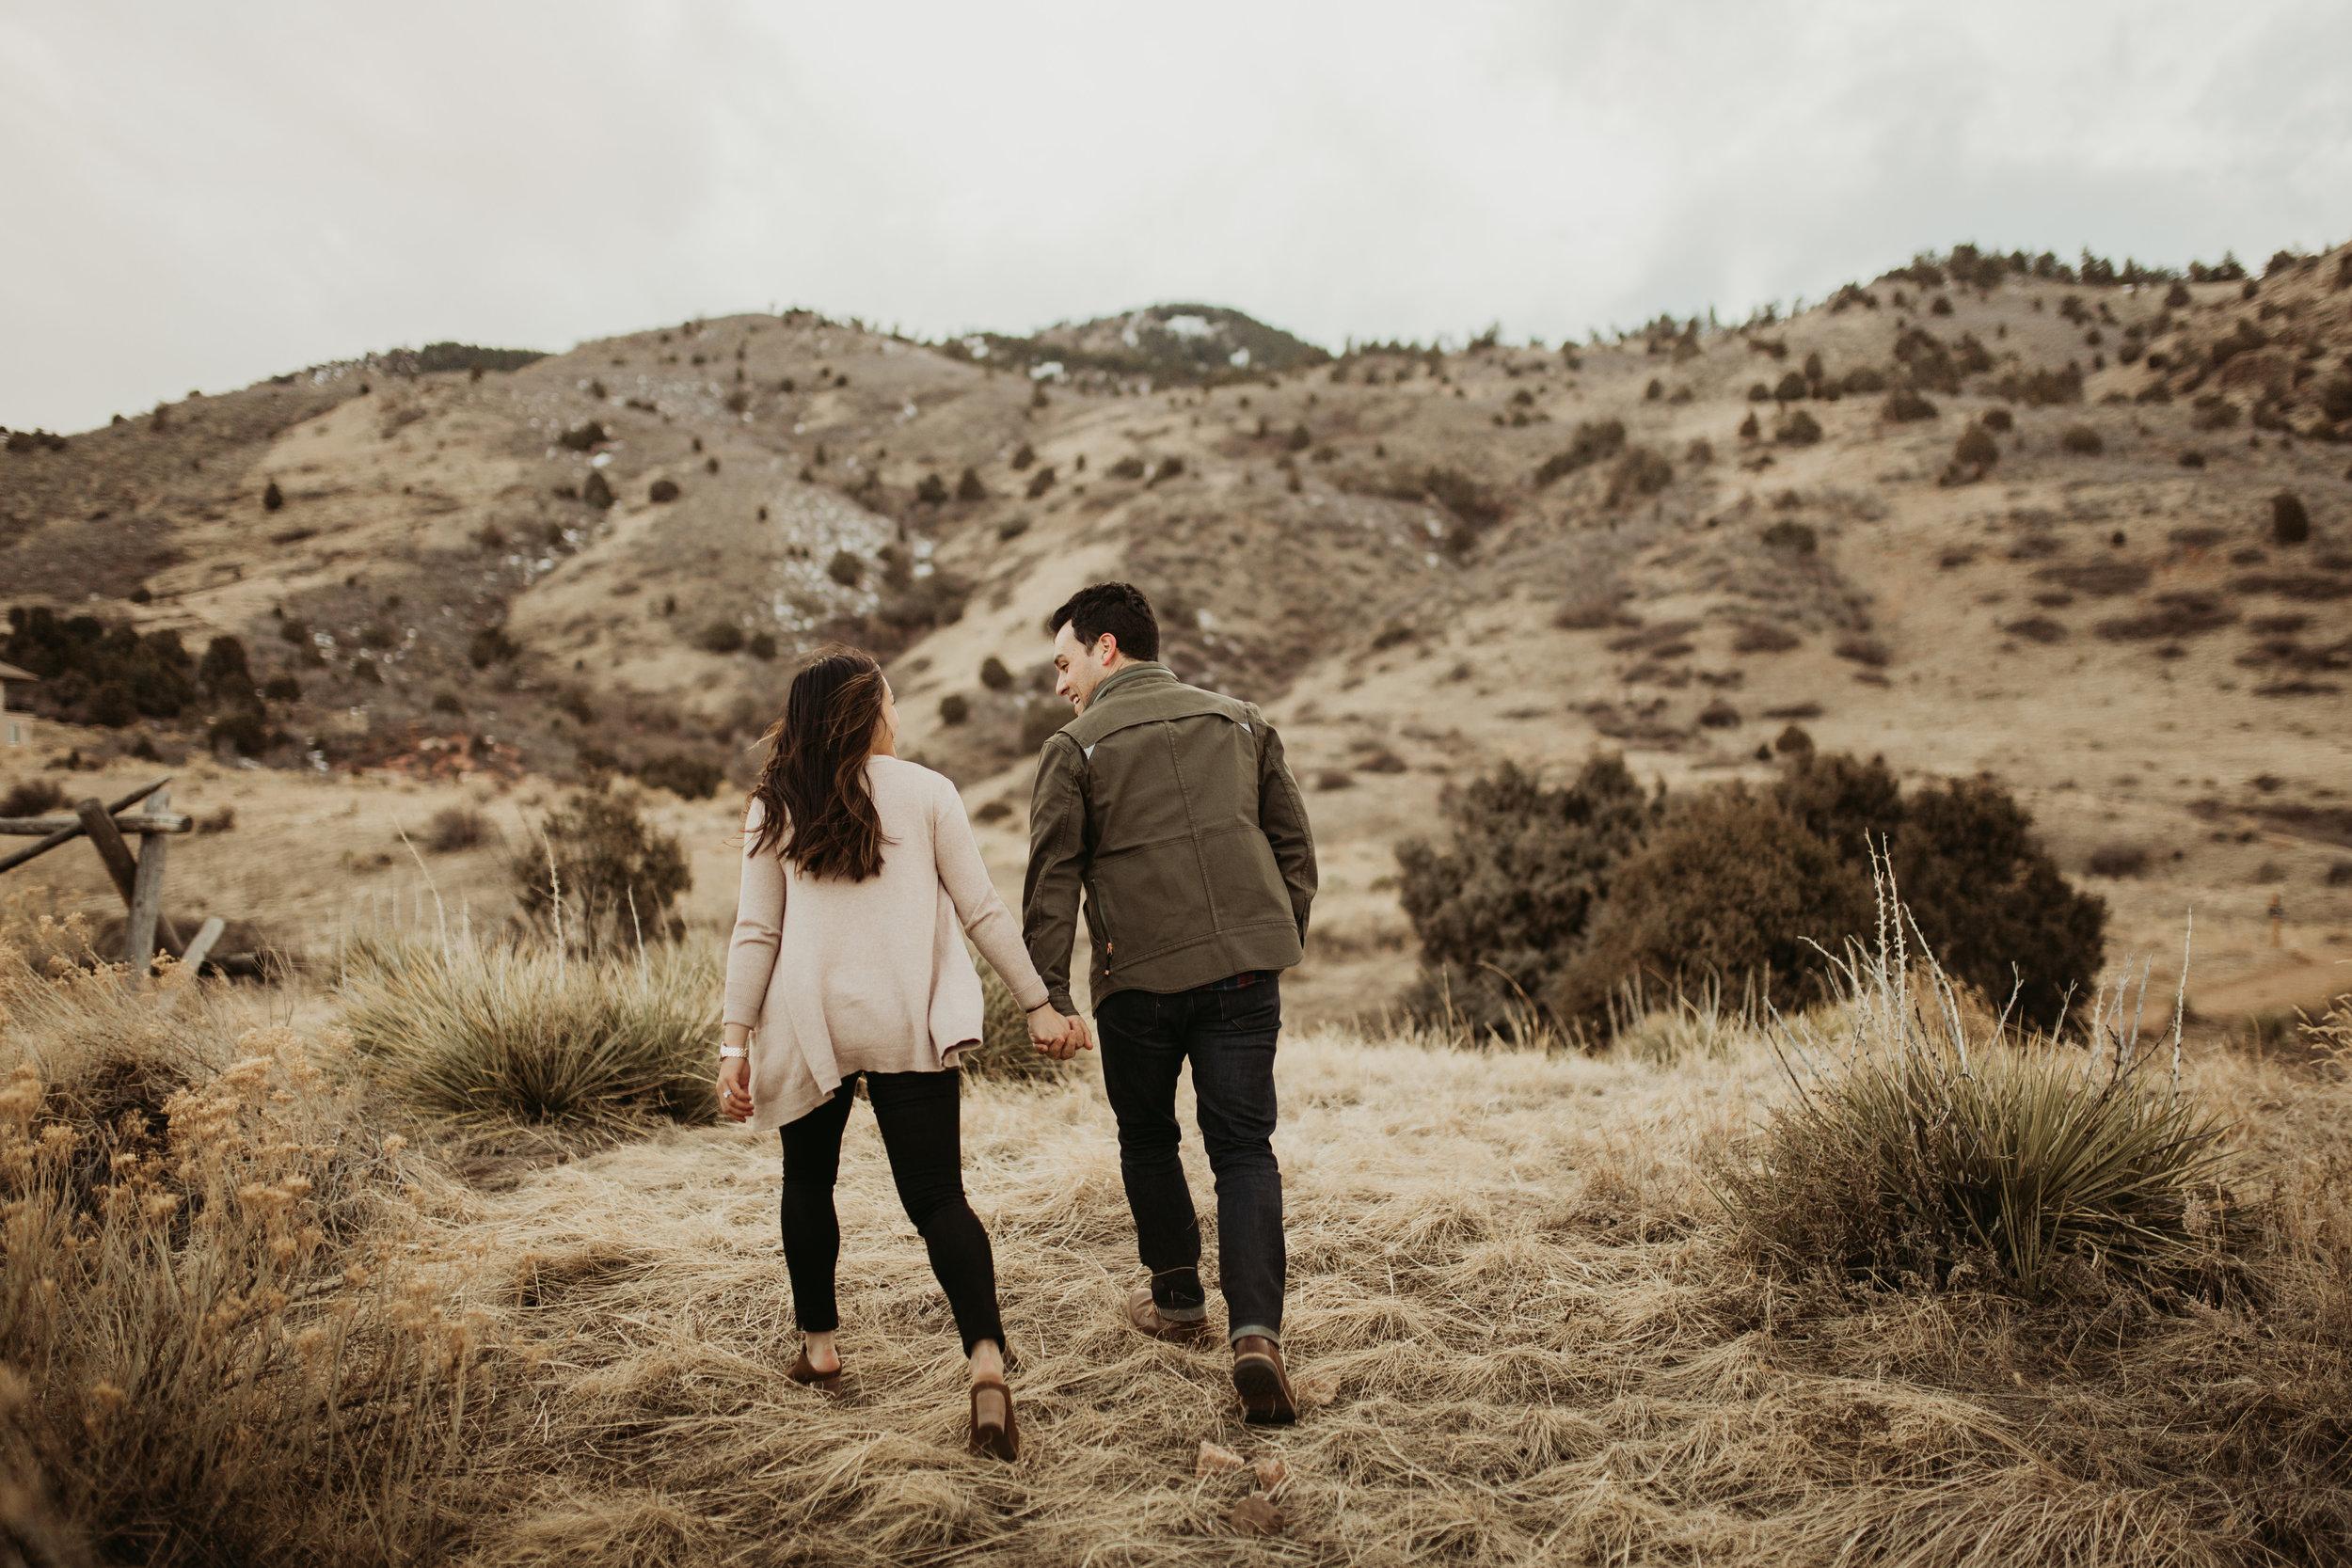 colorado+california+wedding+photographer28.jpg